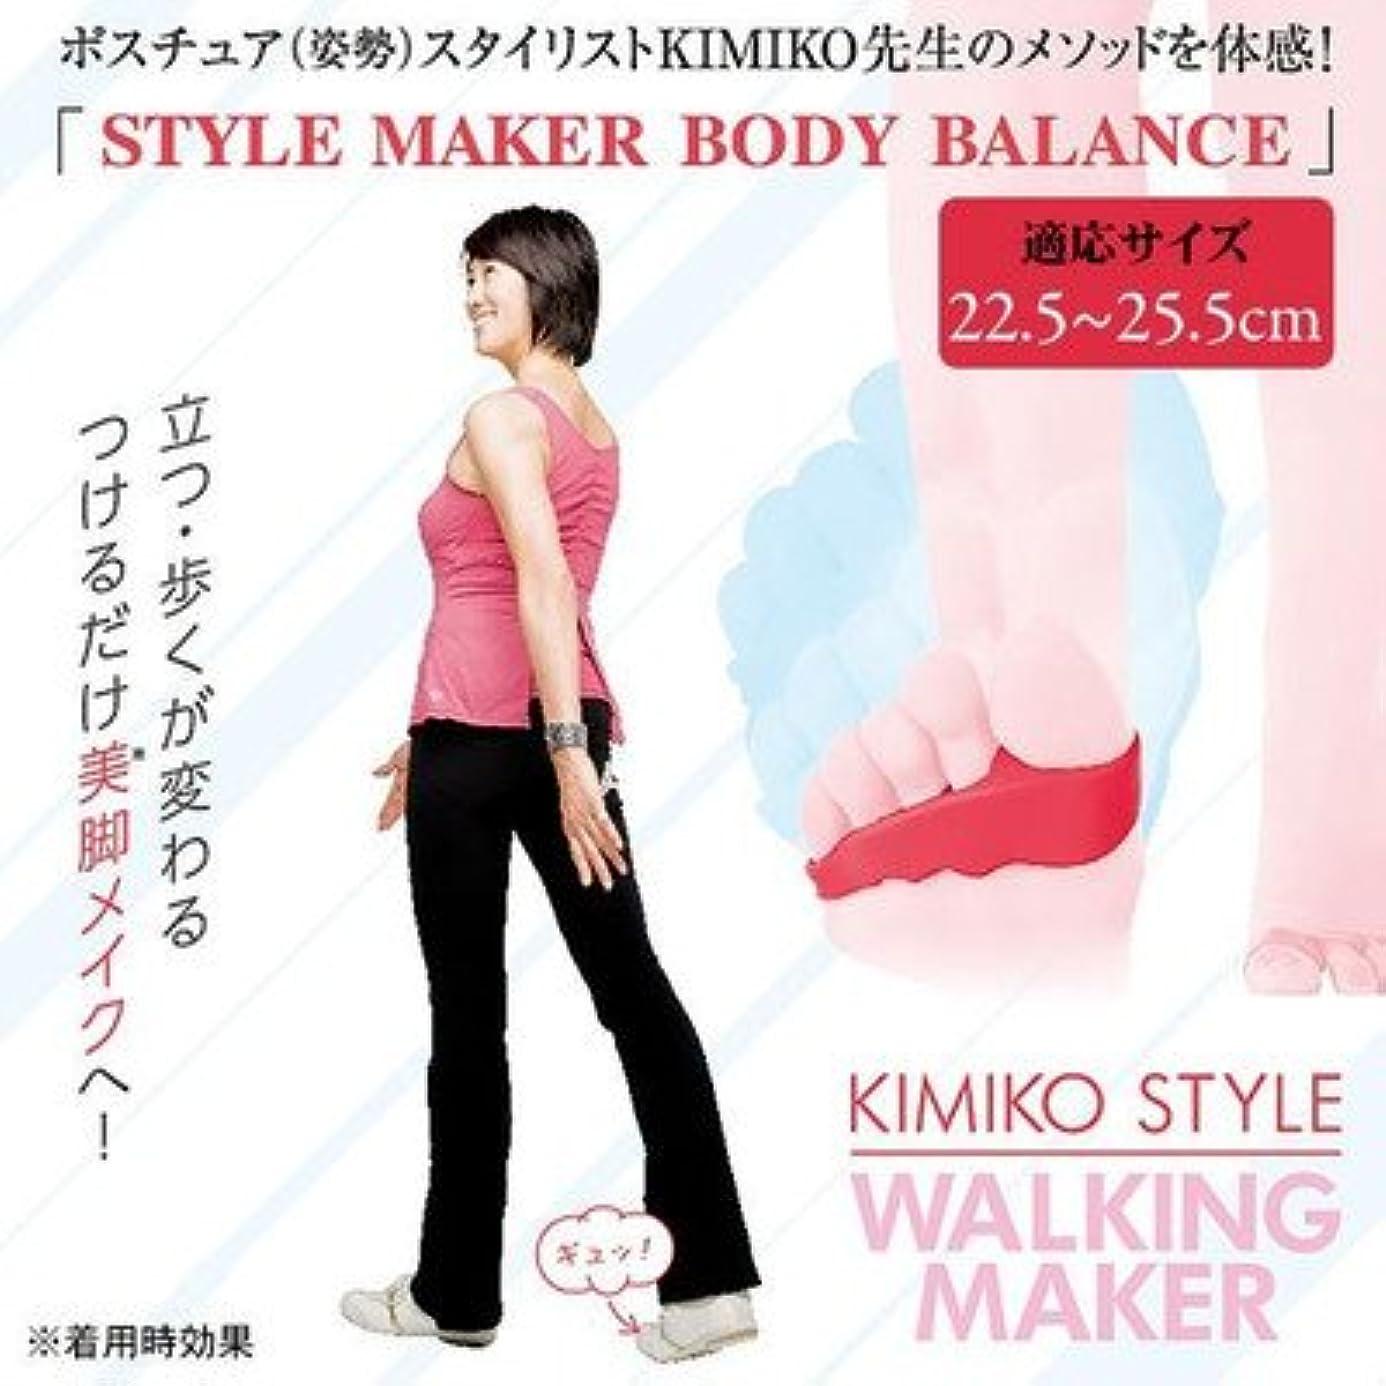 疲労褒賞シンプルな付けて歩いて 正しい歩行姿勢へナビゲート KIMIKO STYLE キミコスタイル WALKING MAKER ウォーキングメーカー 1足入